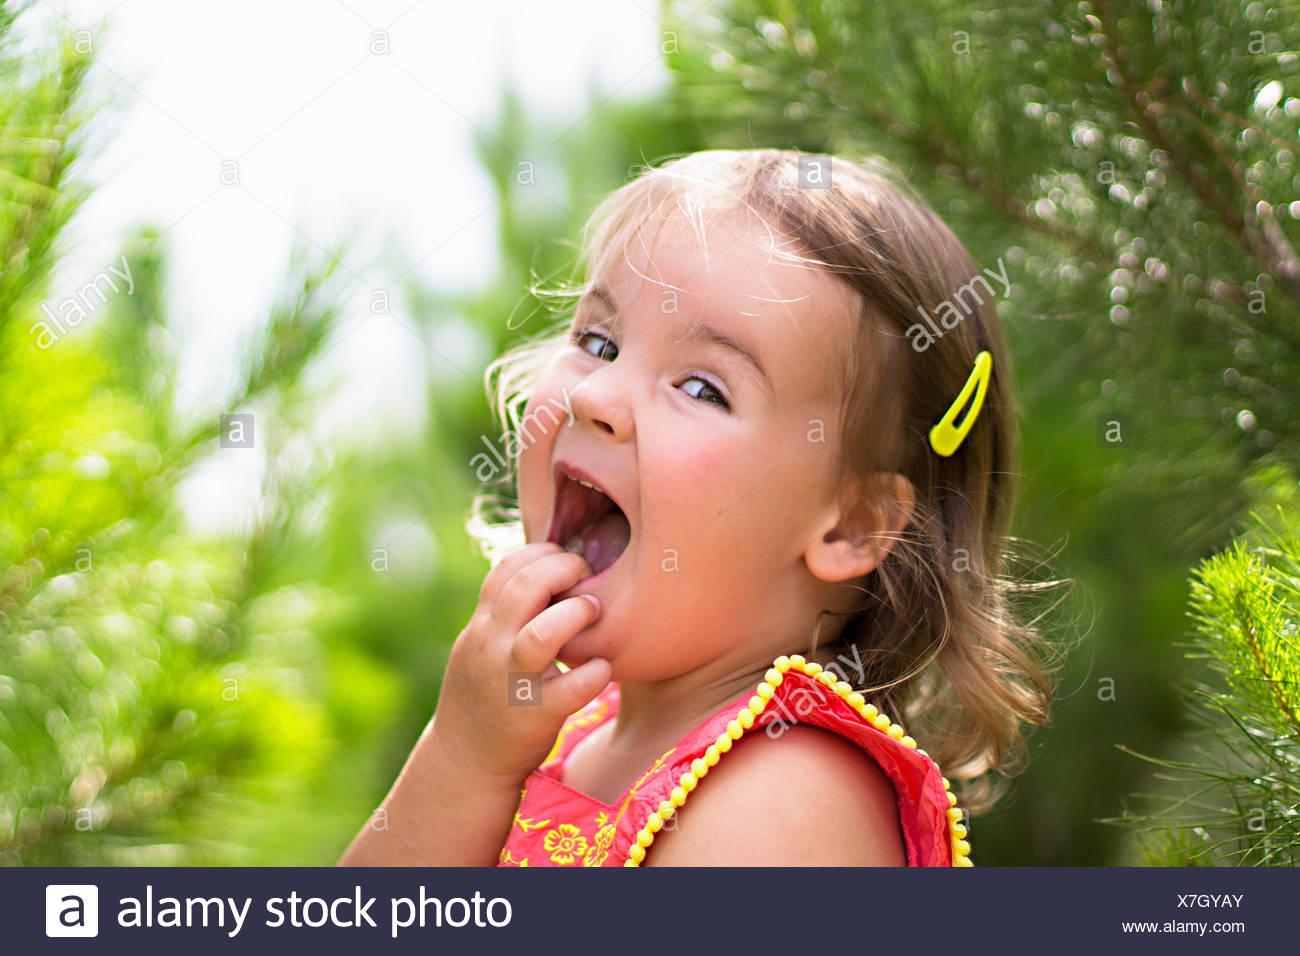 Mädchen mit Hand am Gesicht lachen Stockbild